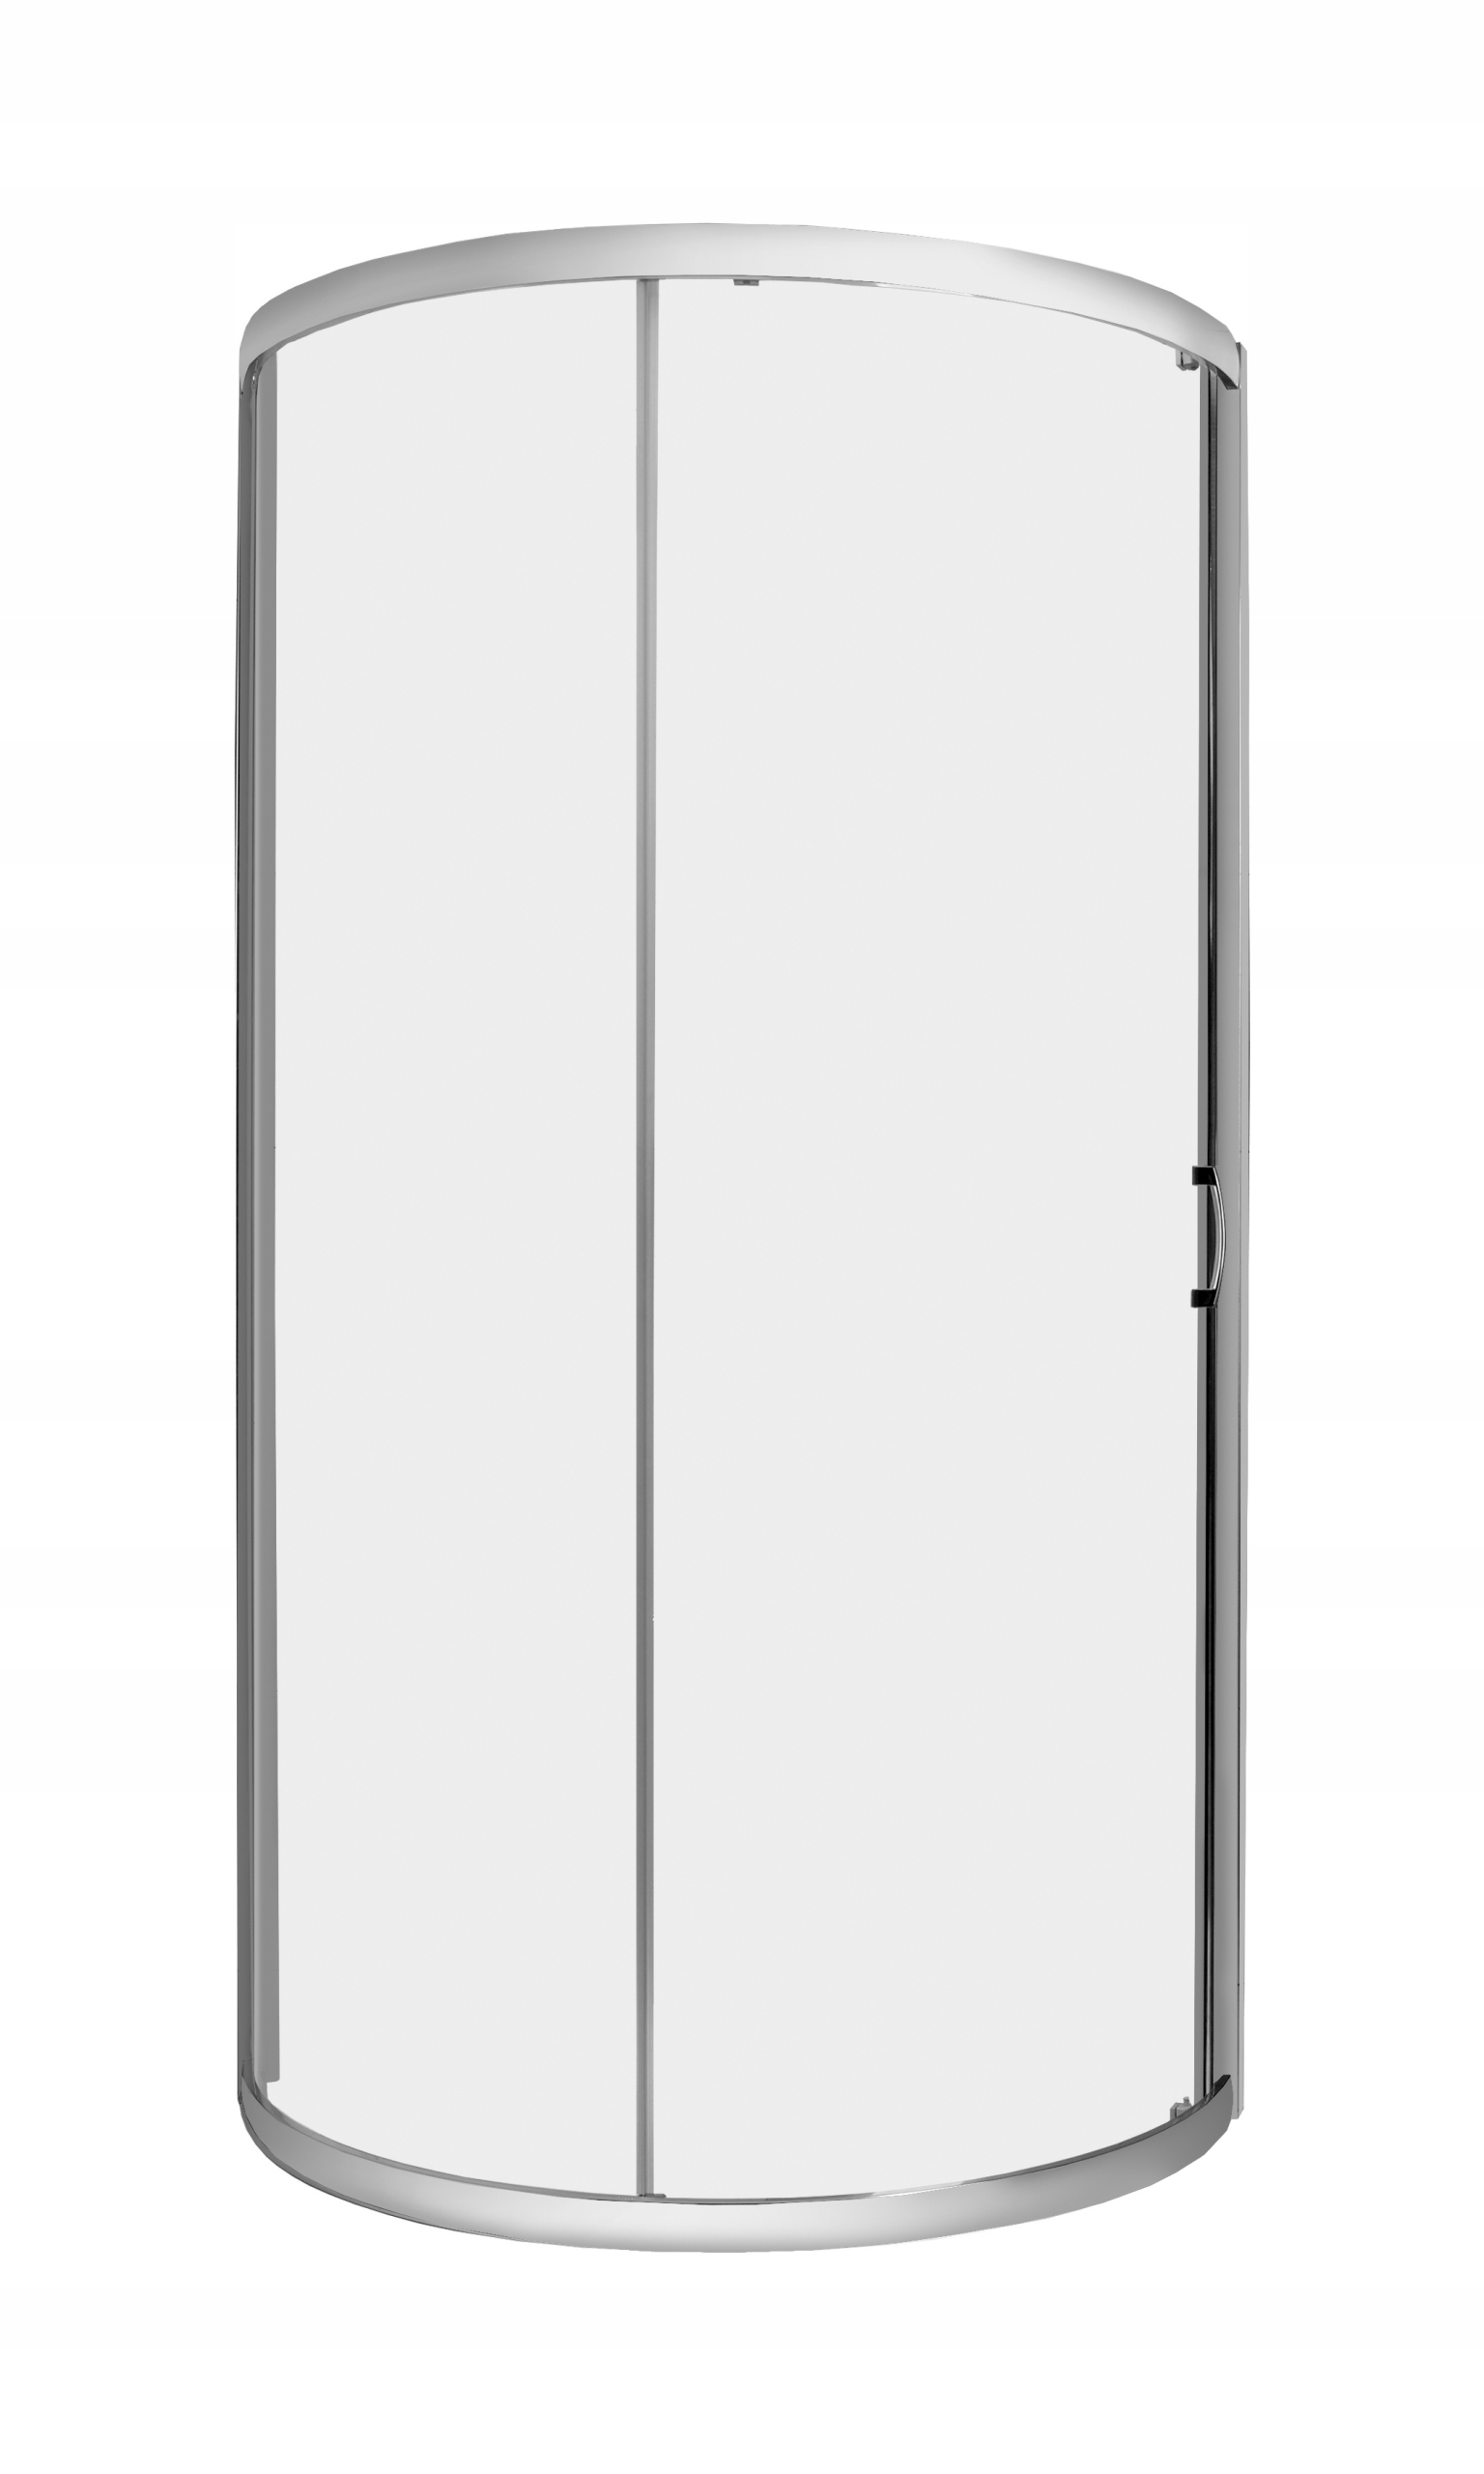 PREMIUM PLUS B sprchový kút 90x90 x190 cm cl